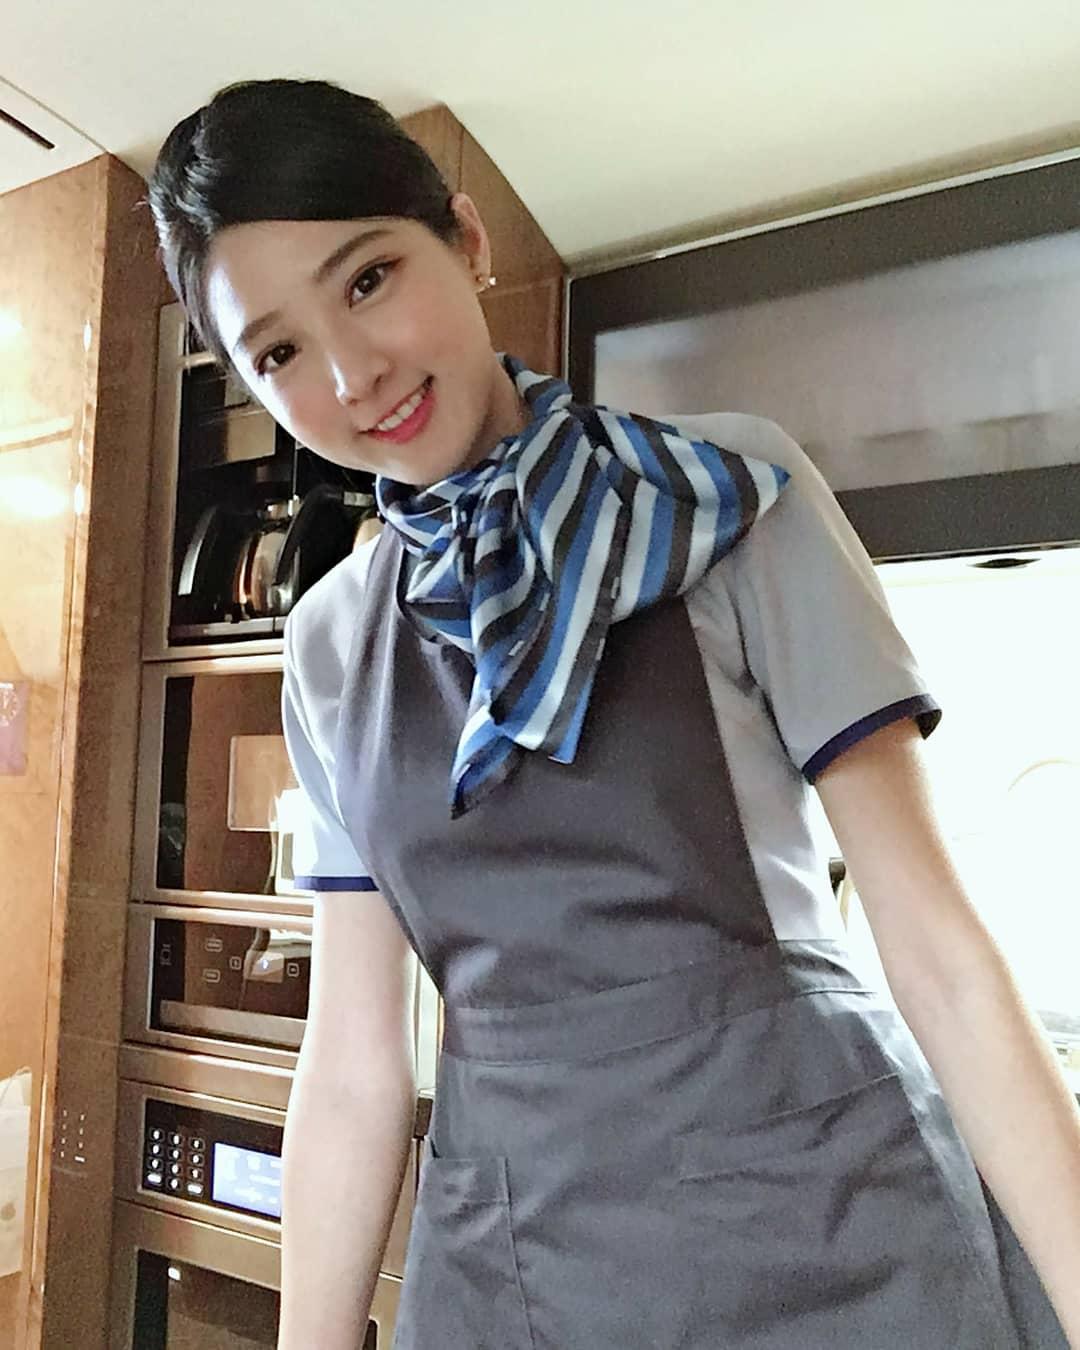 대만의 흔한 승무원